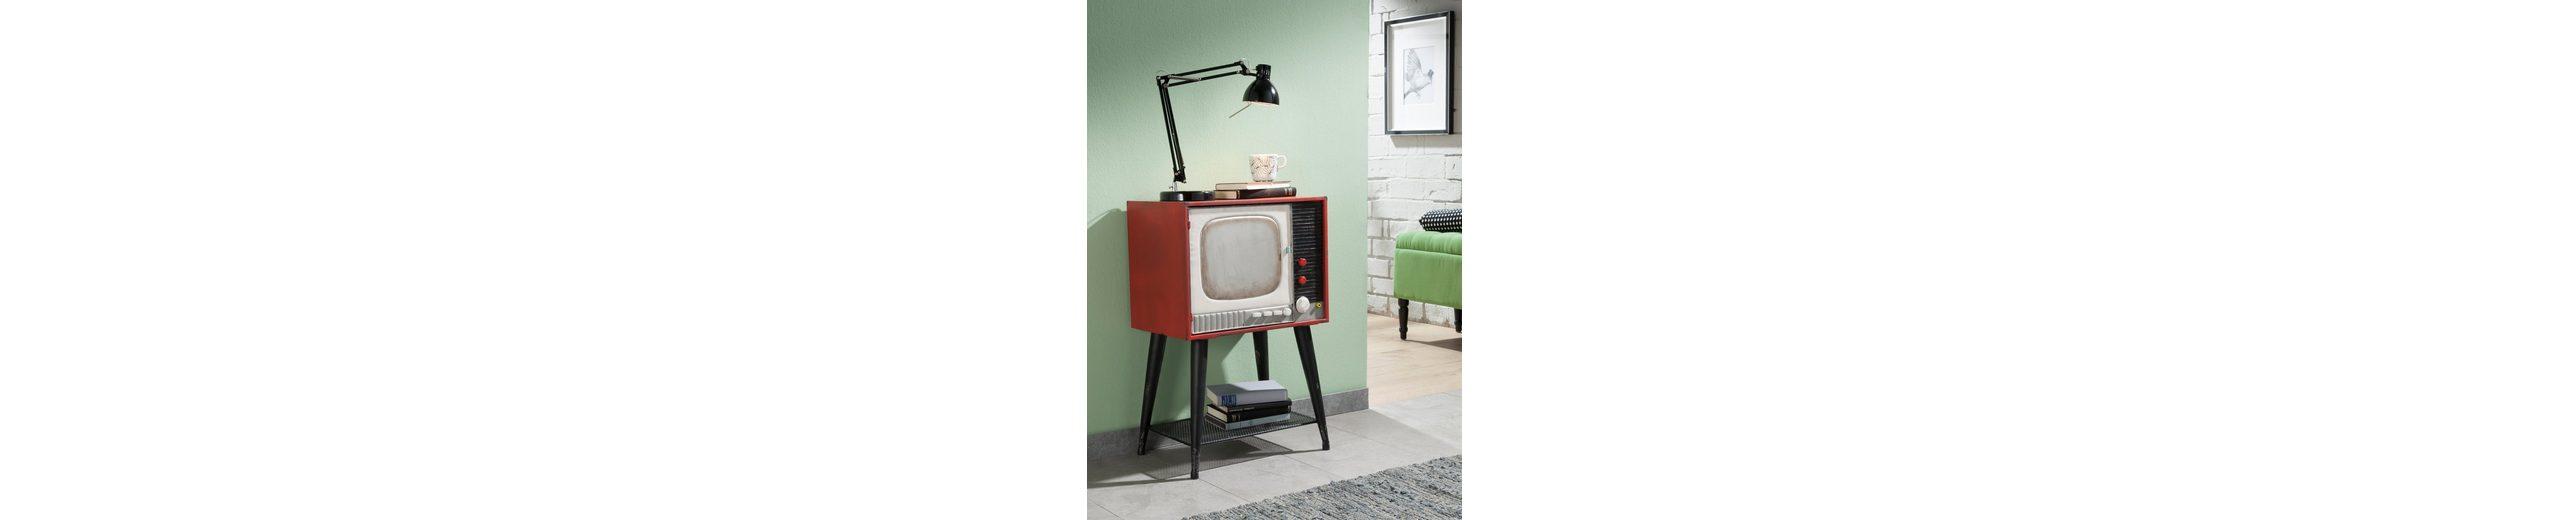 Home affaire Kommode »Retro TV«,Breite 46 cm